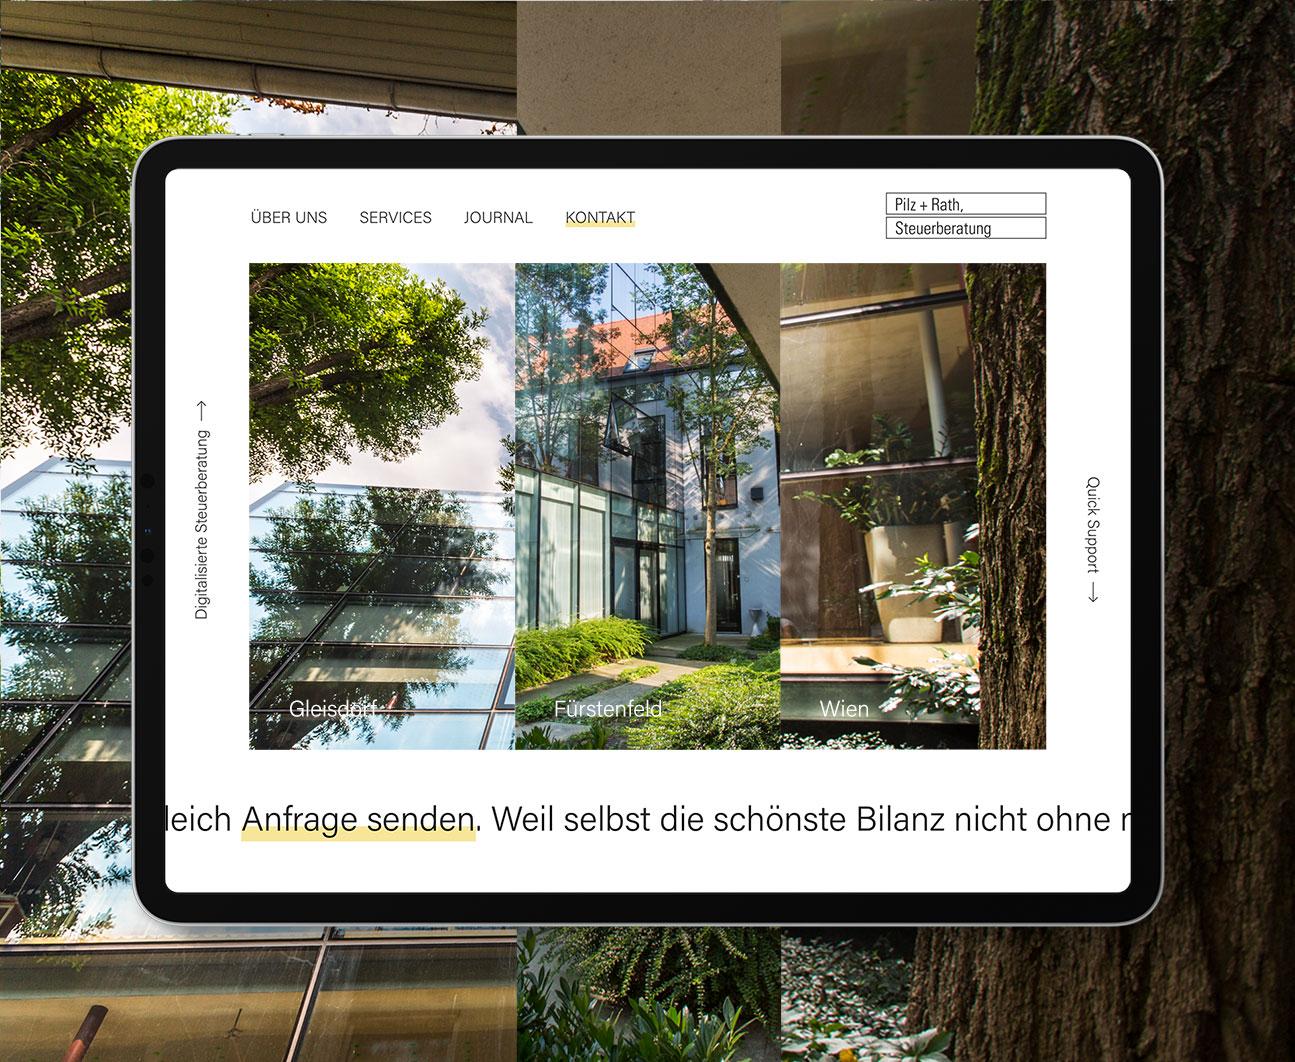 Tablet Mockup der neuen Pilz + Rath Website von Conversory